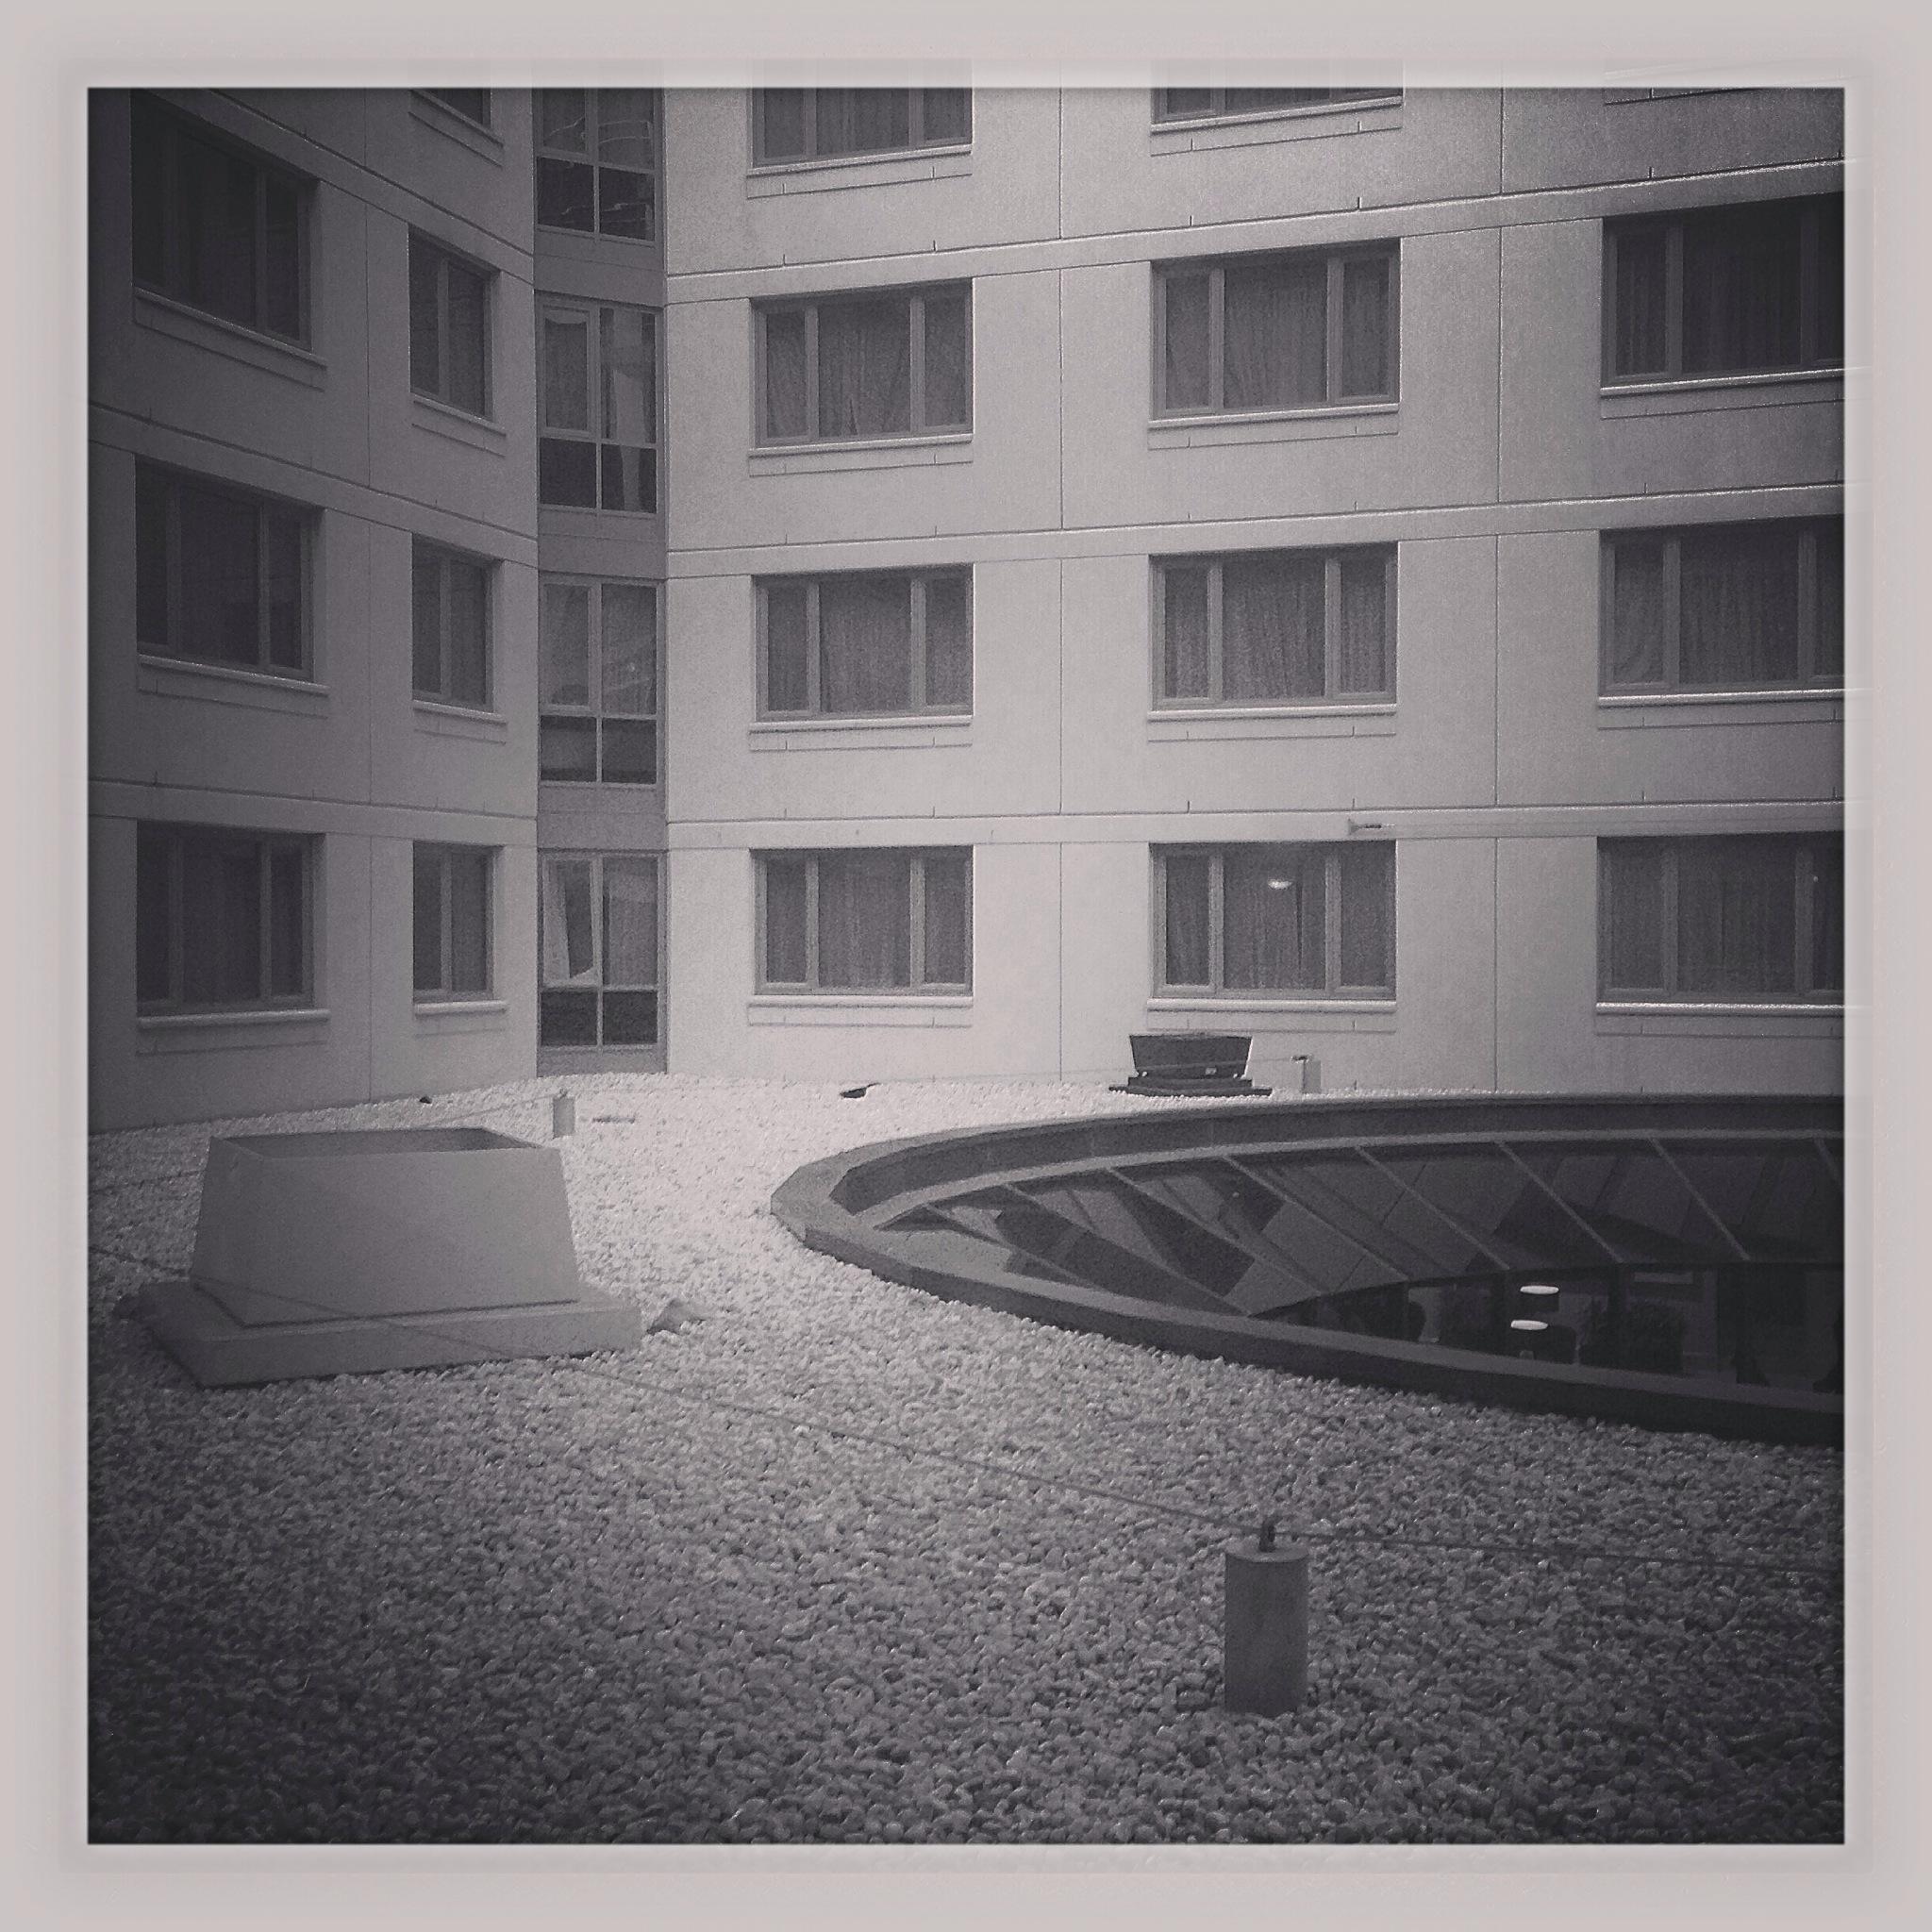 Day 1303. desolate…